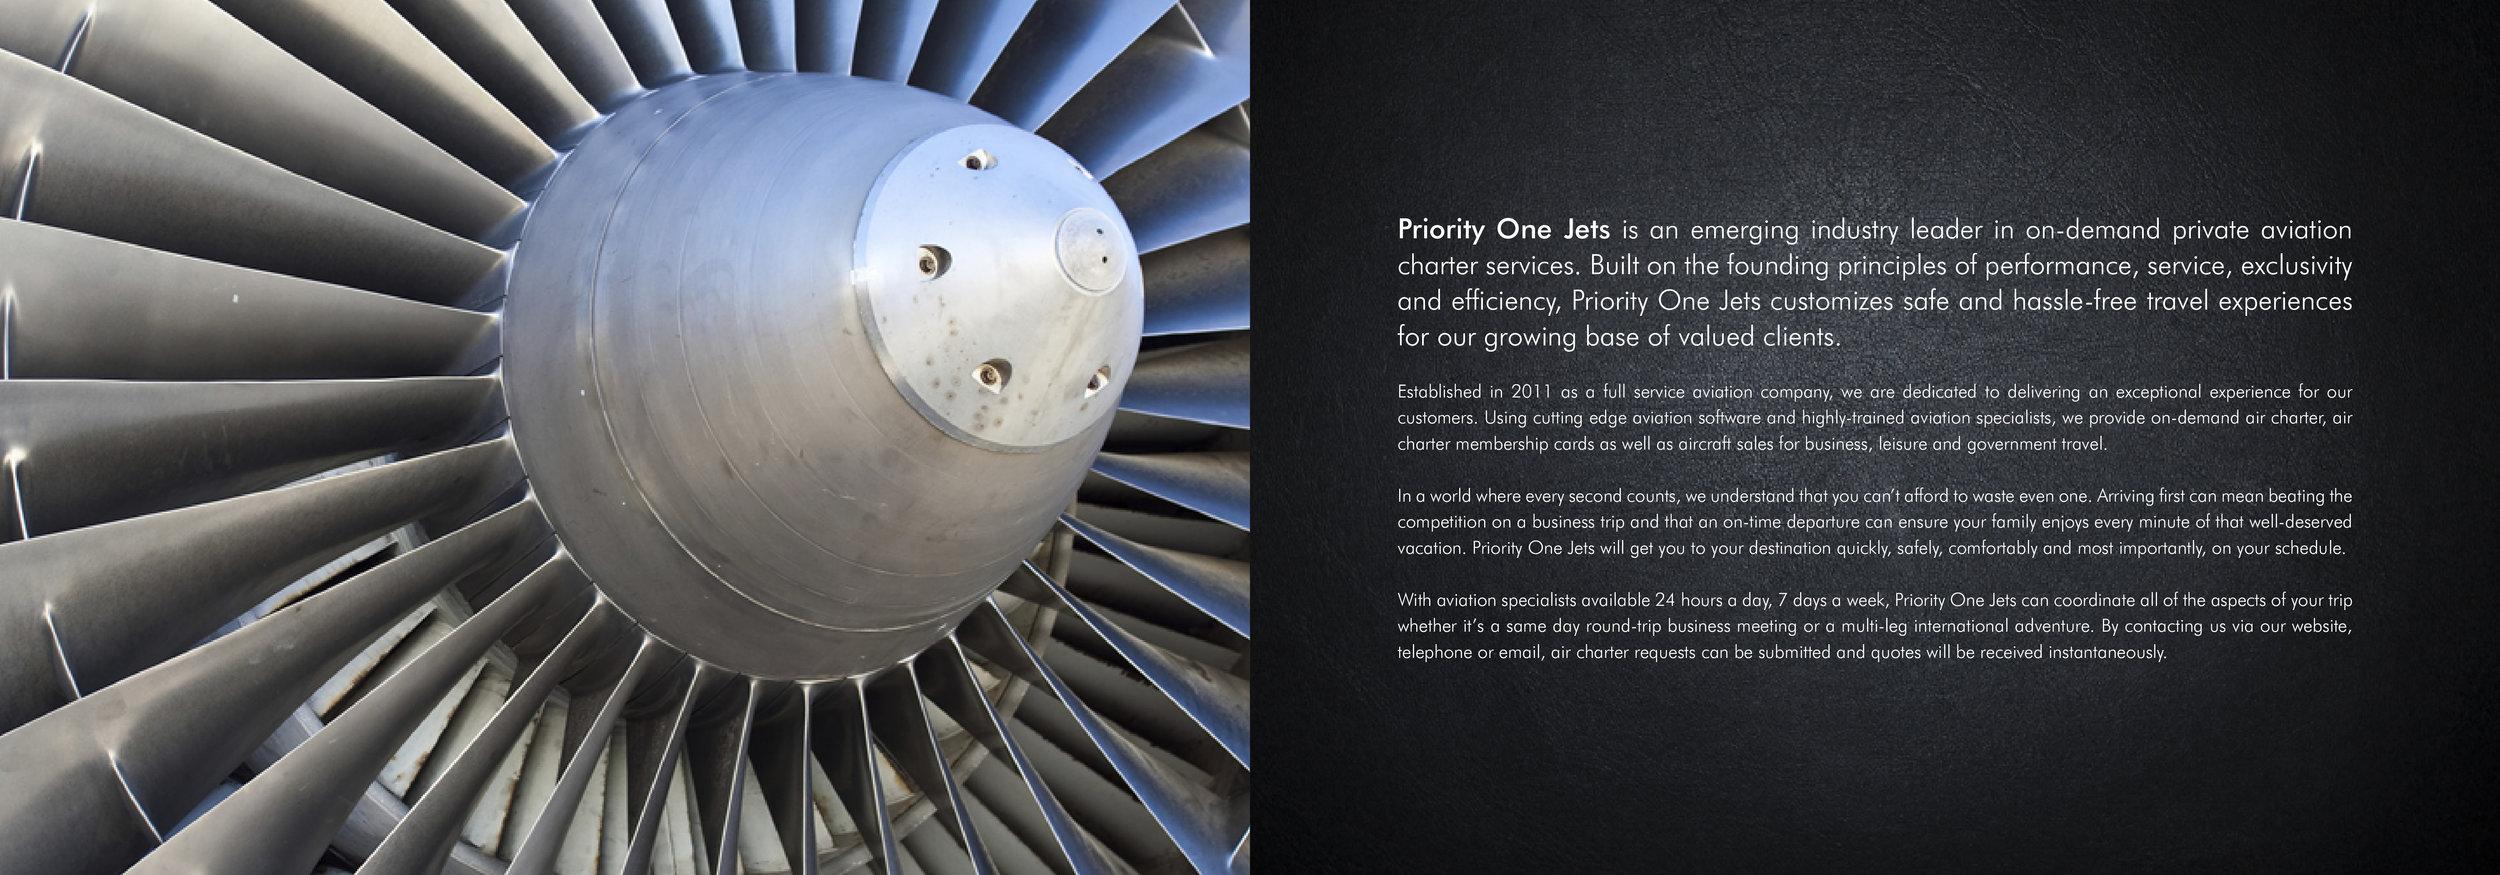 PriorityOne2.jpg